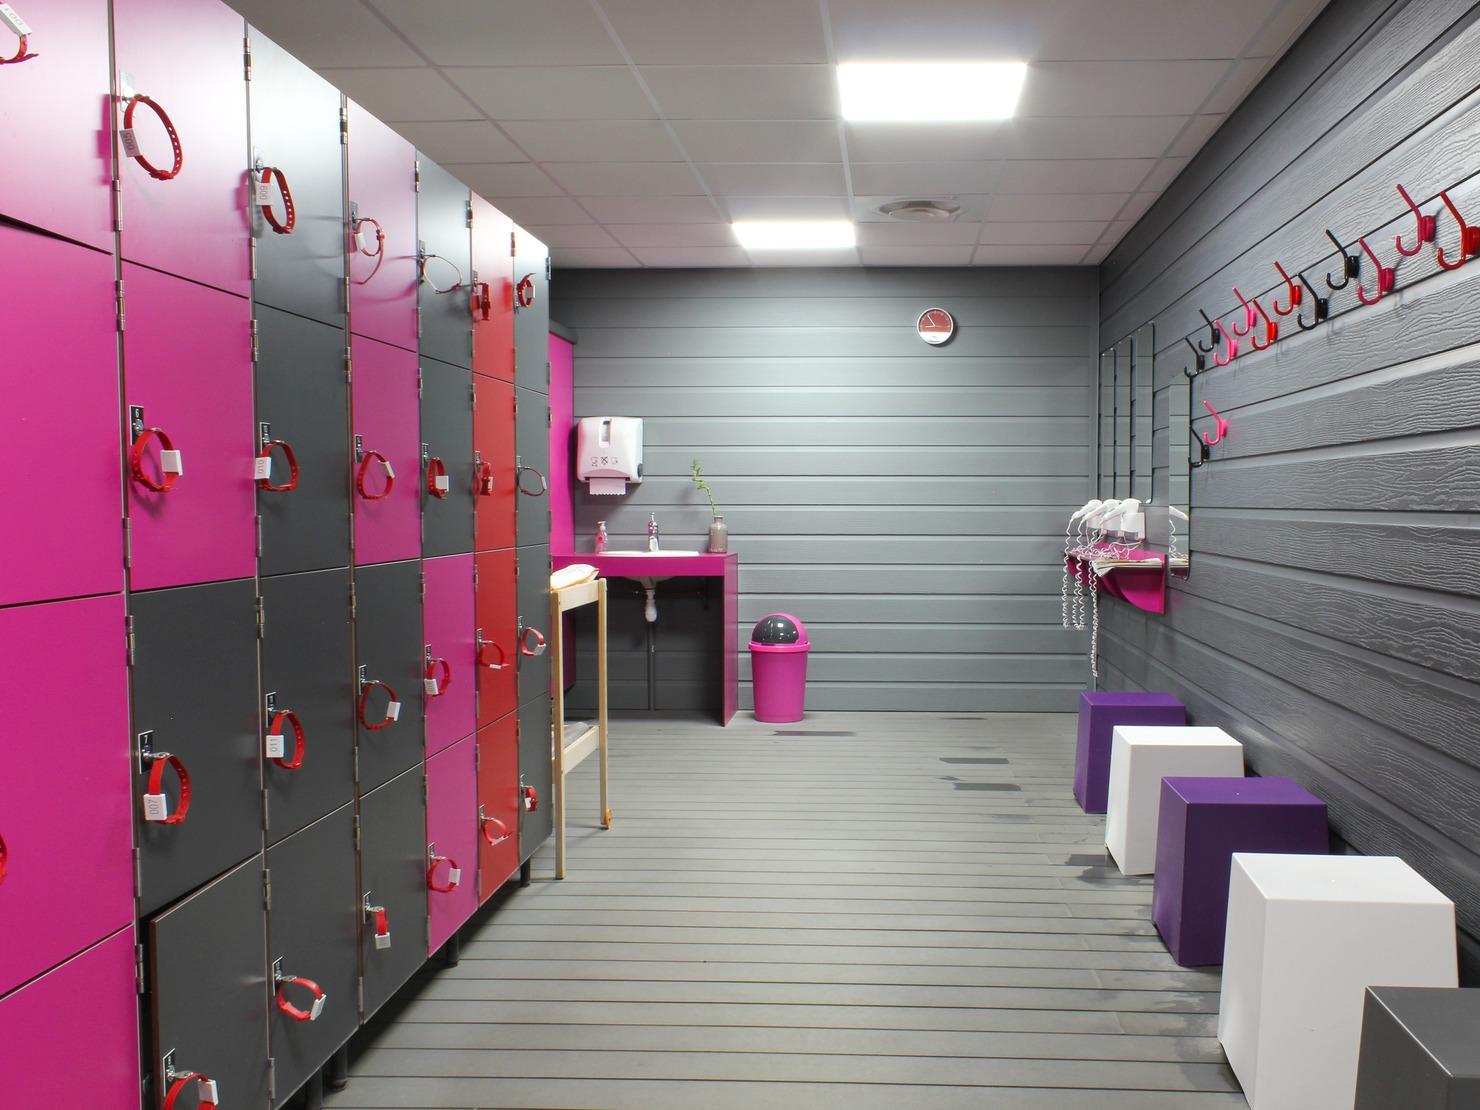 Swimcenter orl ans sud tarifs avis horaires offre d couverte - Salle de sport porte d orleans ...